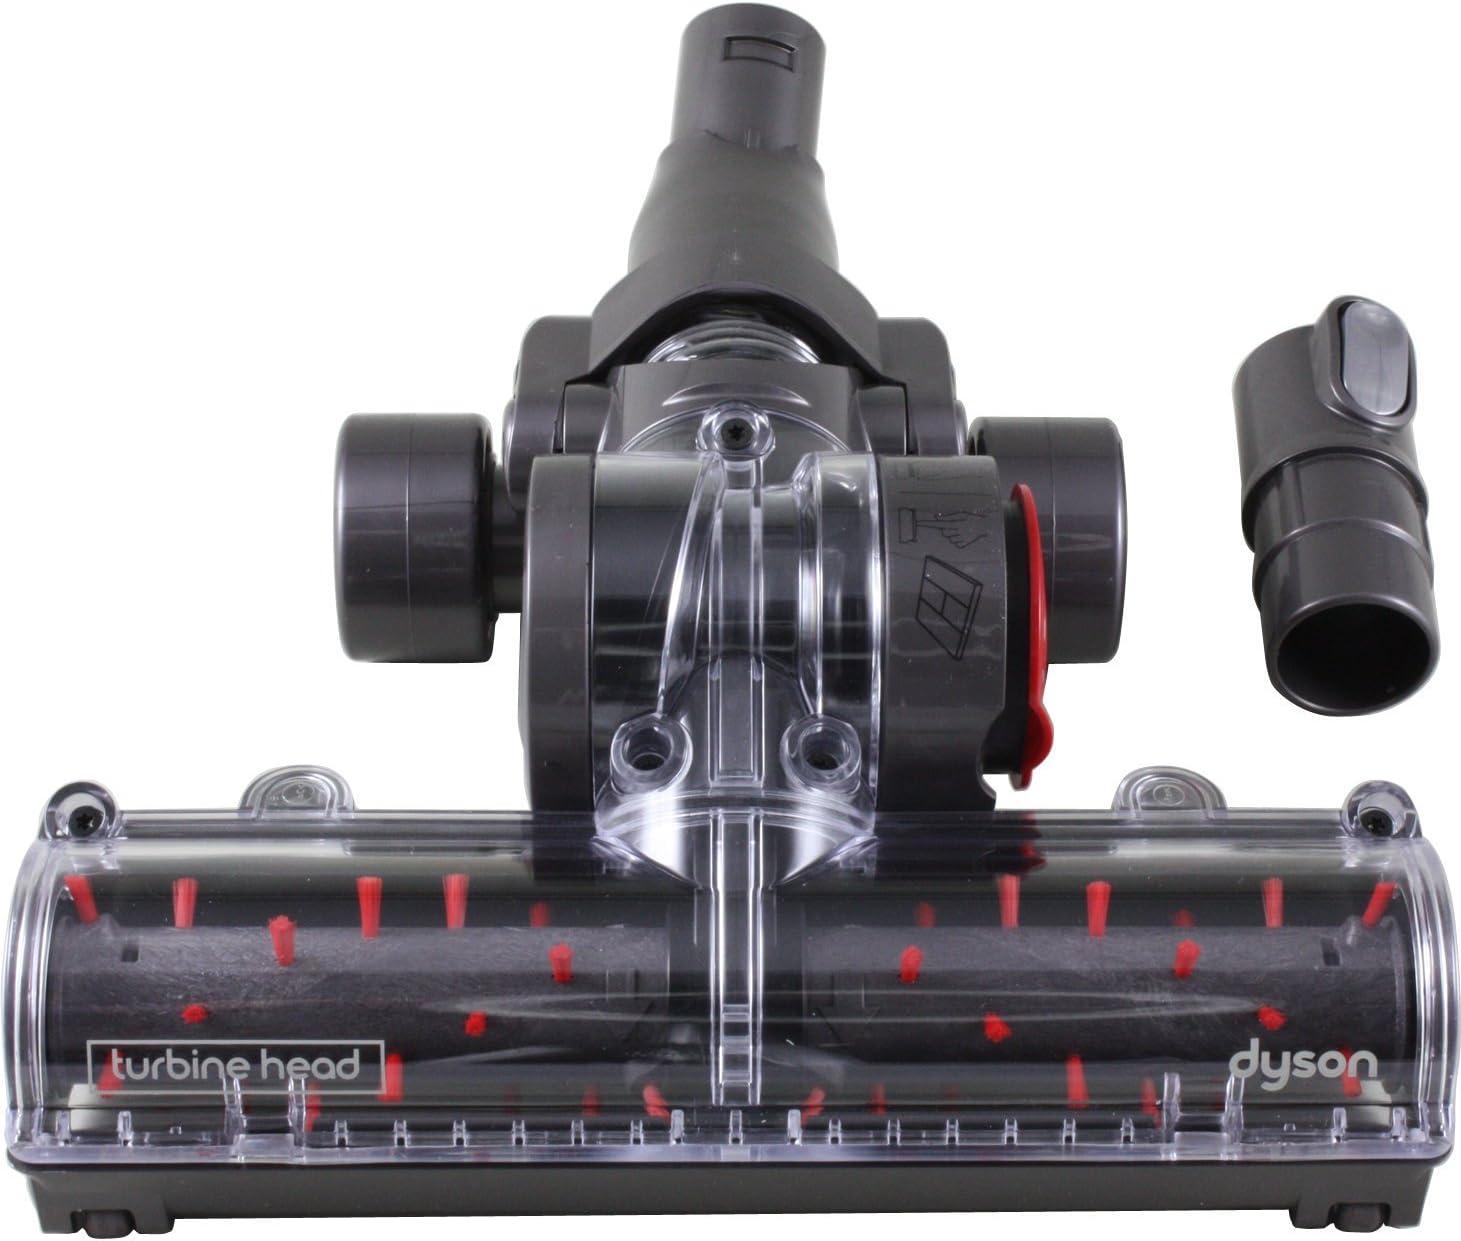 Dyson 912969-02 - Cepillo turbo para aspiradoras DC08: Amazon.es: Hogar